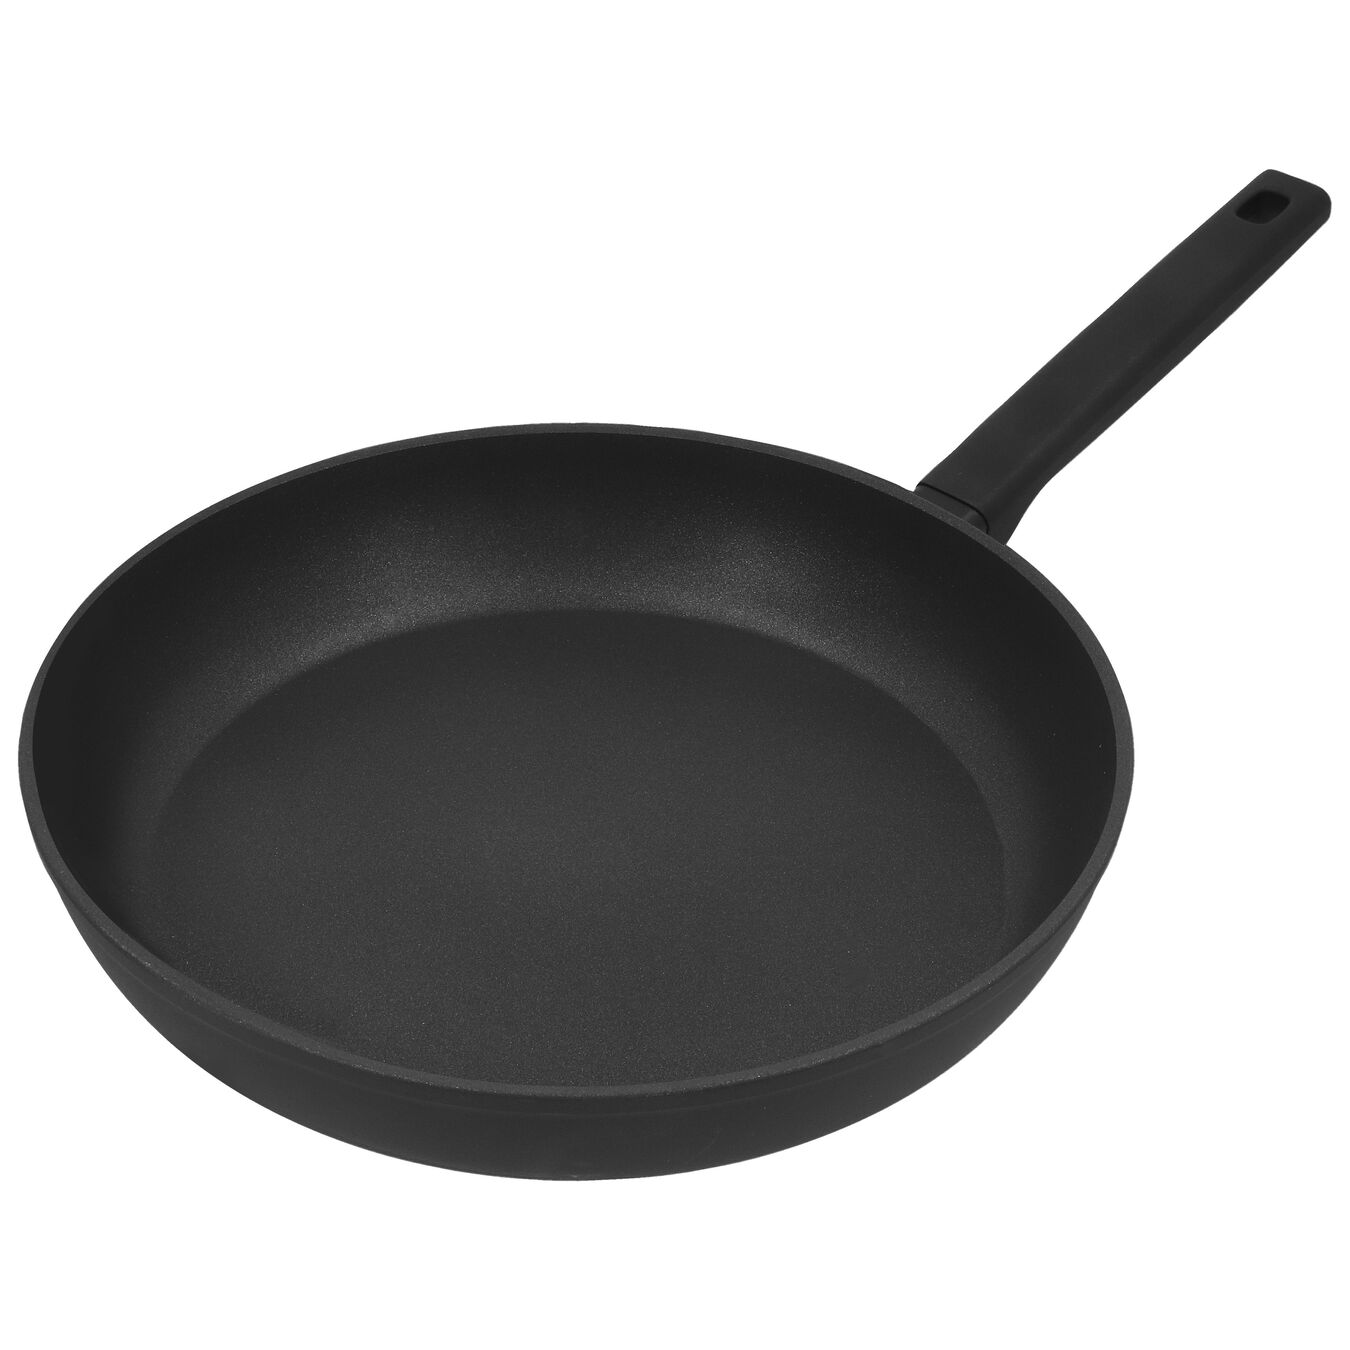 Koekenpan Zwart 28 cm,,large 4